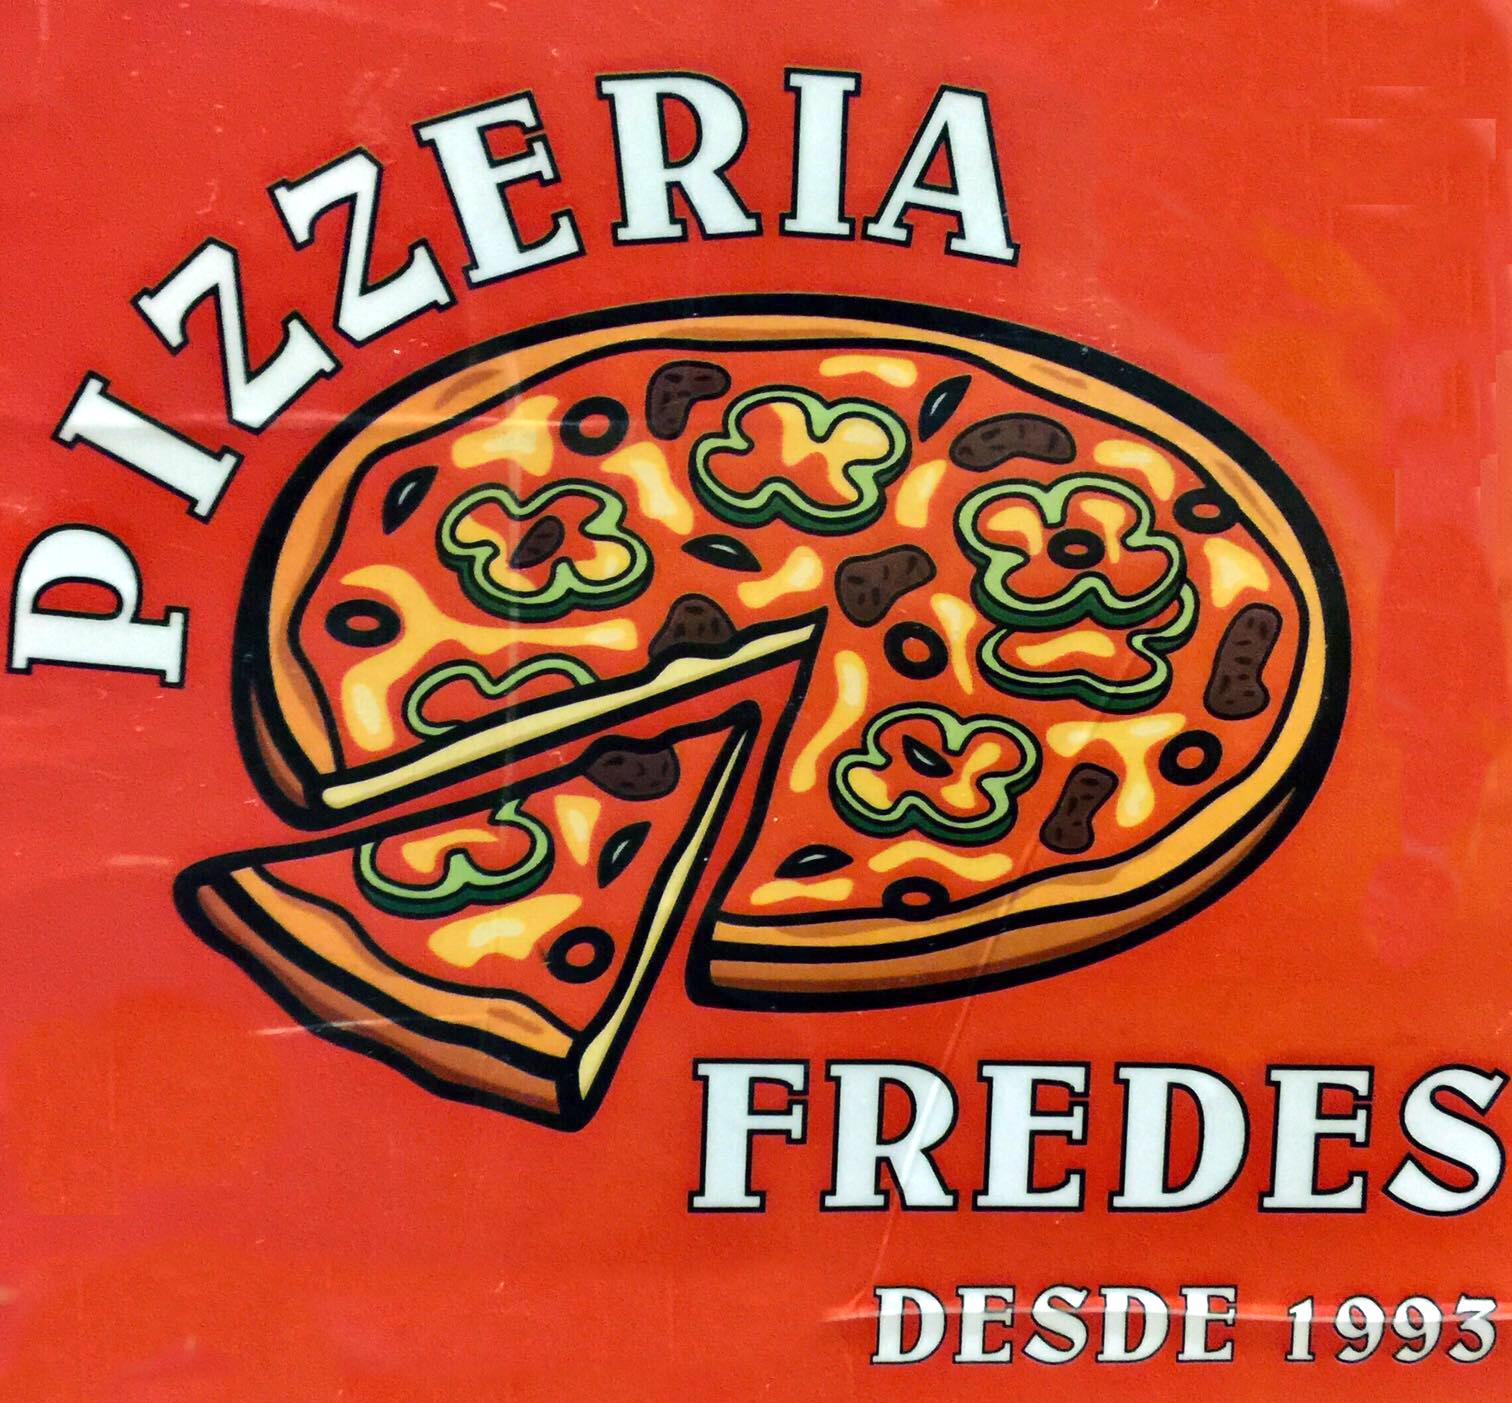 Pizzería Fredes